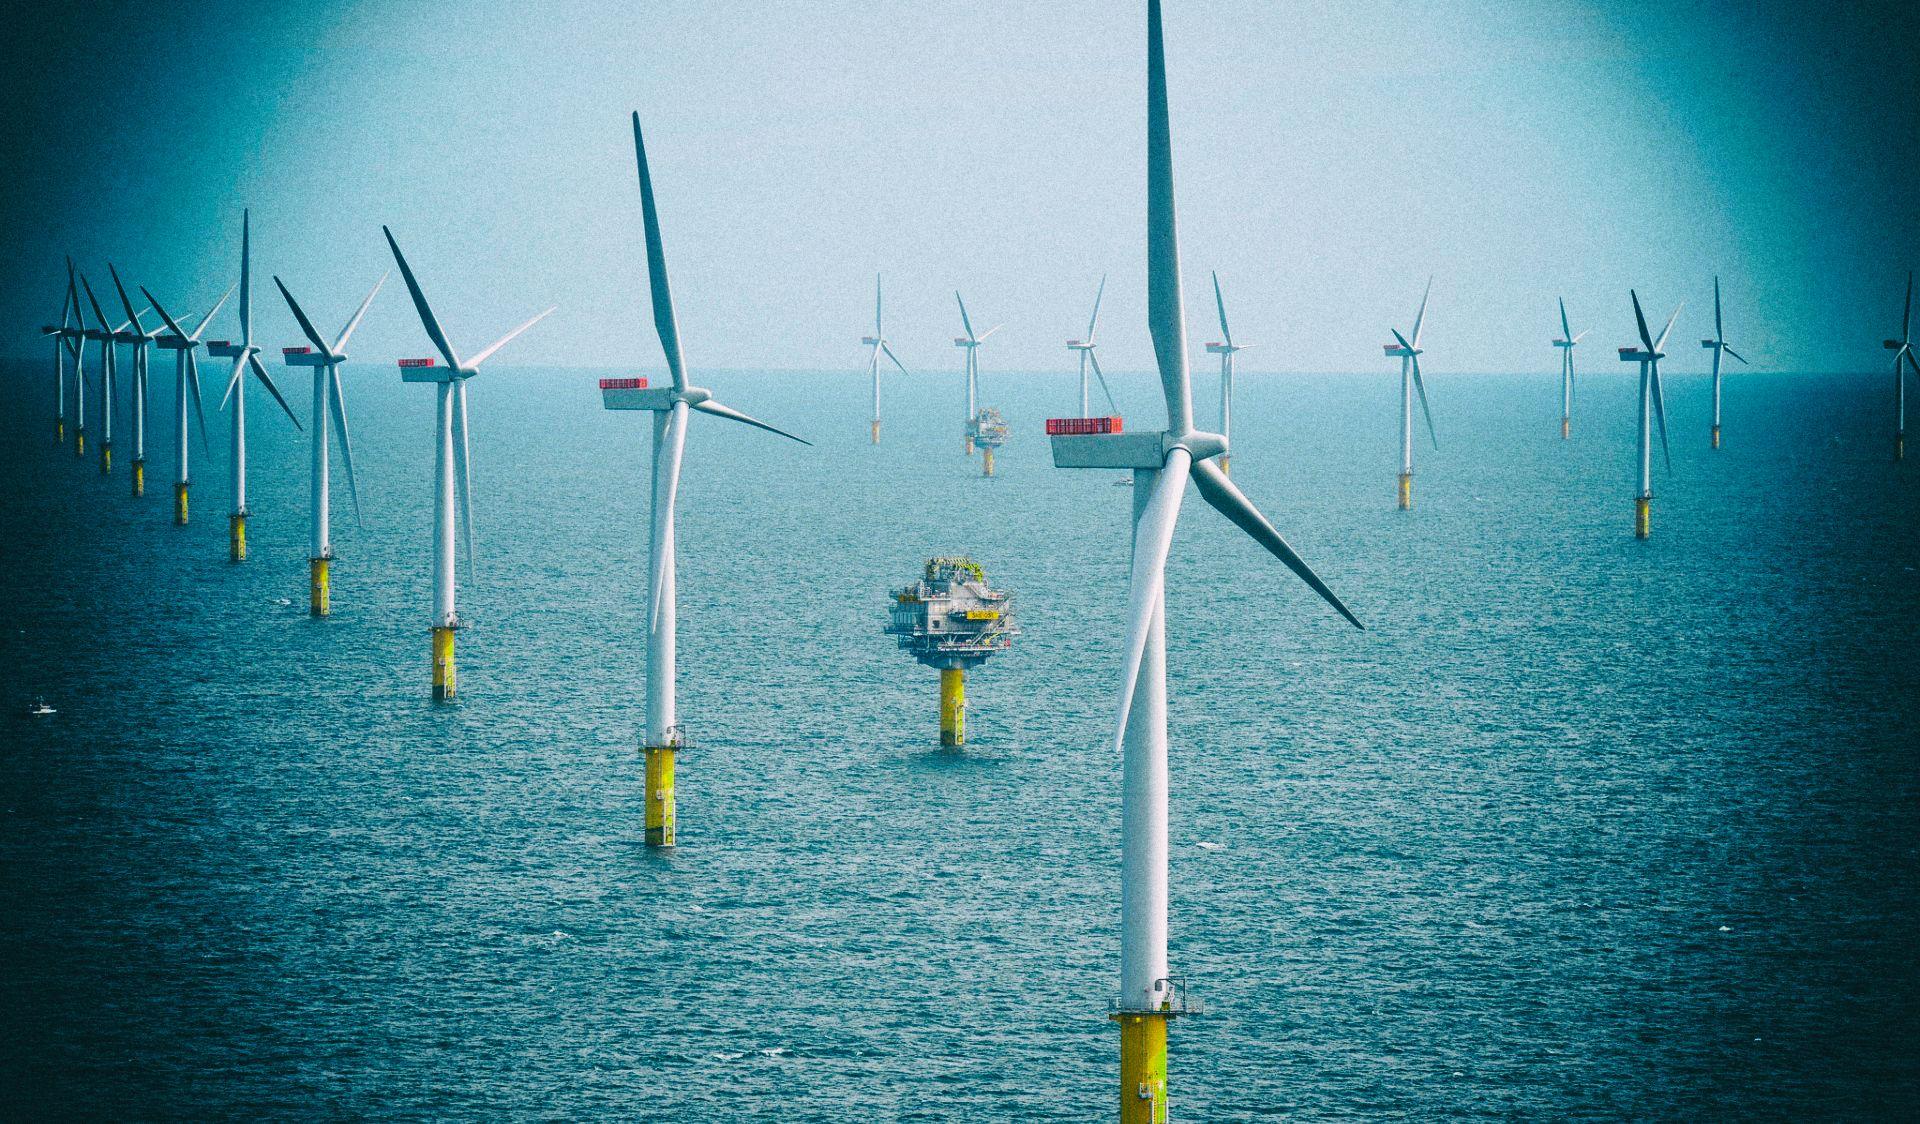 Поля ветровых турбин ослабляют энергию ветра